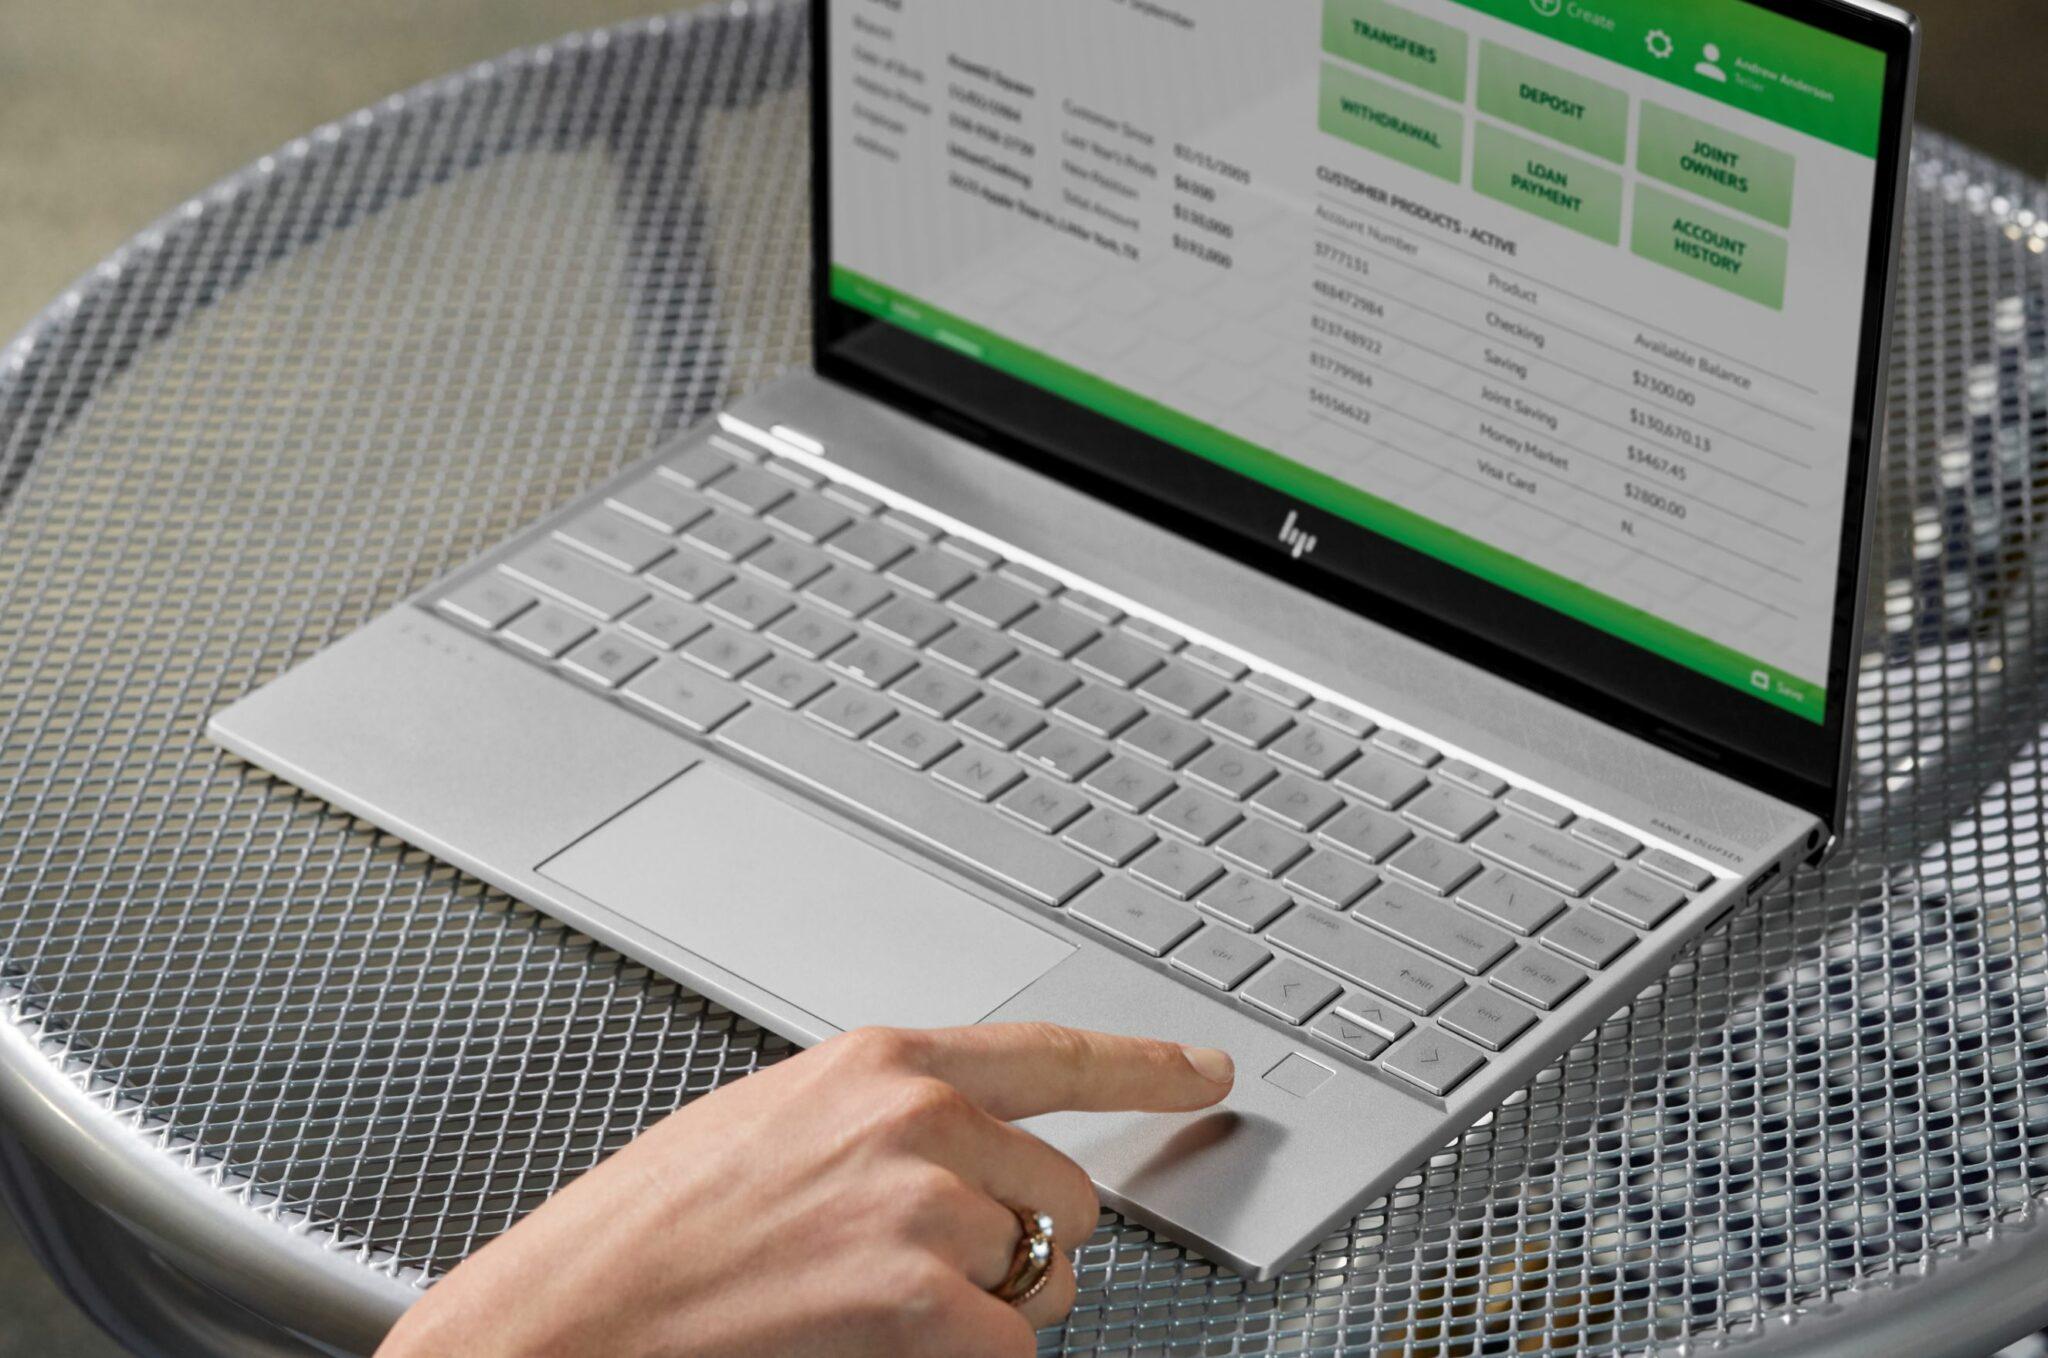 HP Envy 13 fingerprint reader